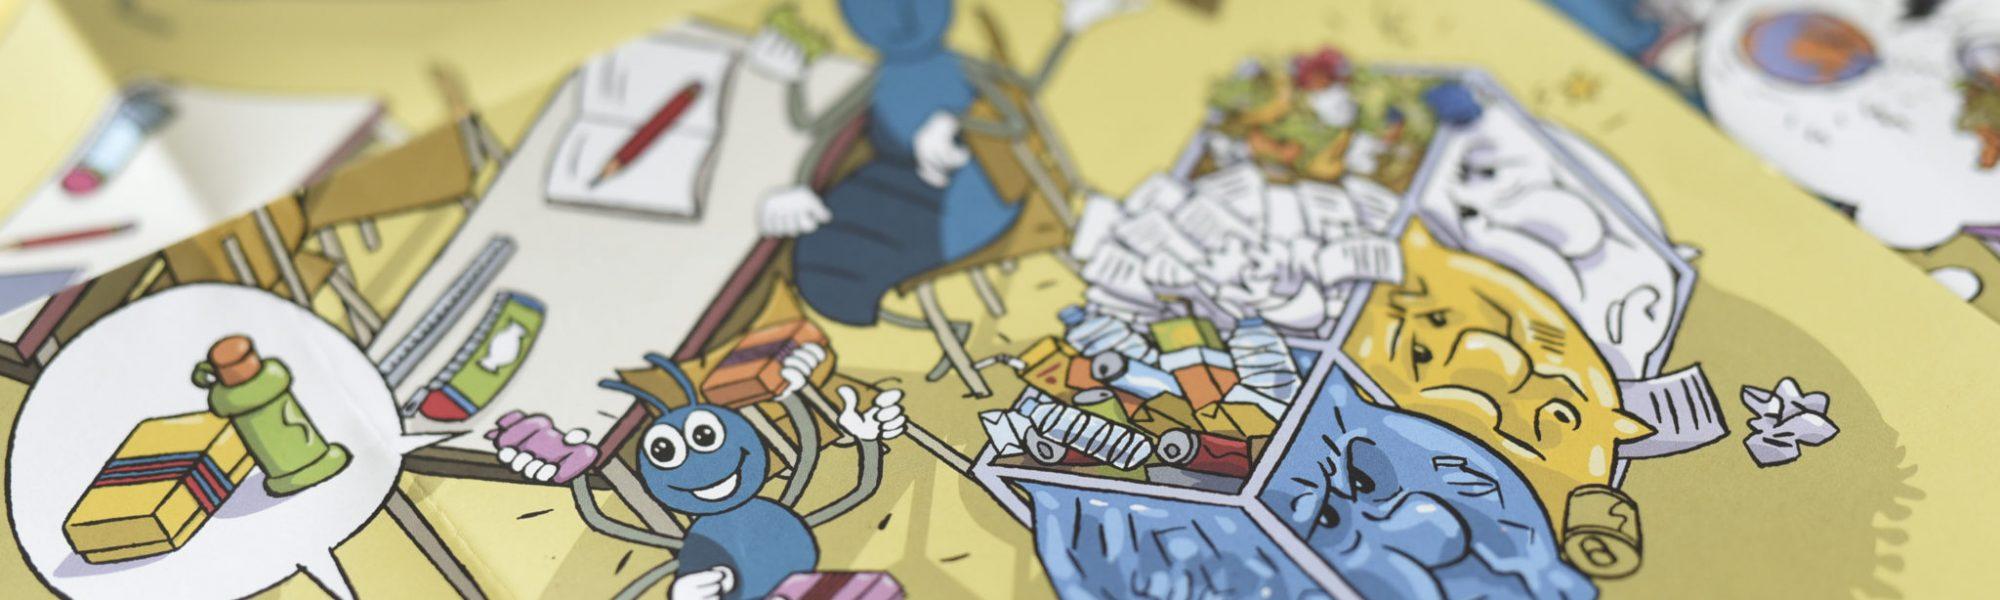 Outils pédagogiques de Bruxelles environnement / Leermiddelen van Leefmilieu Brussel